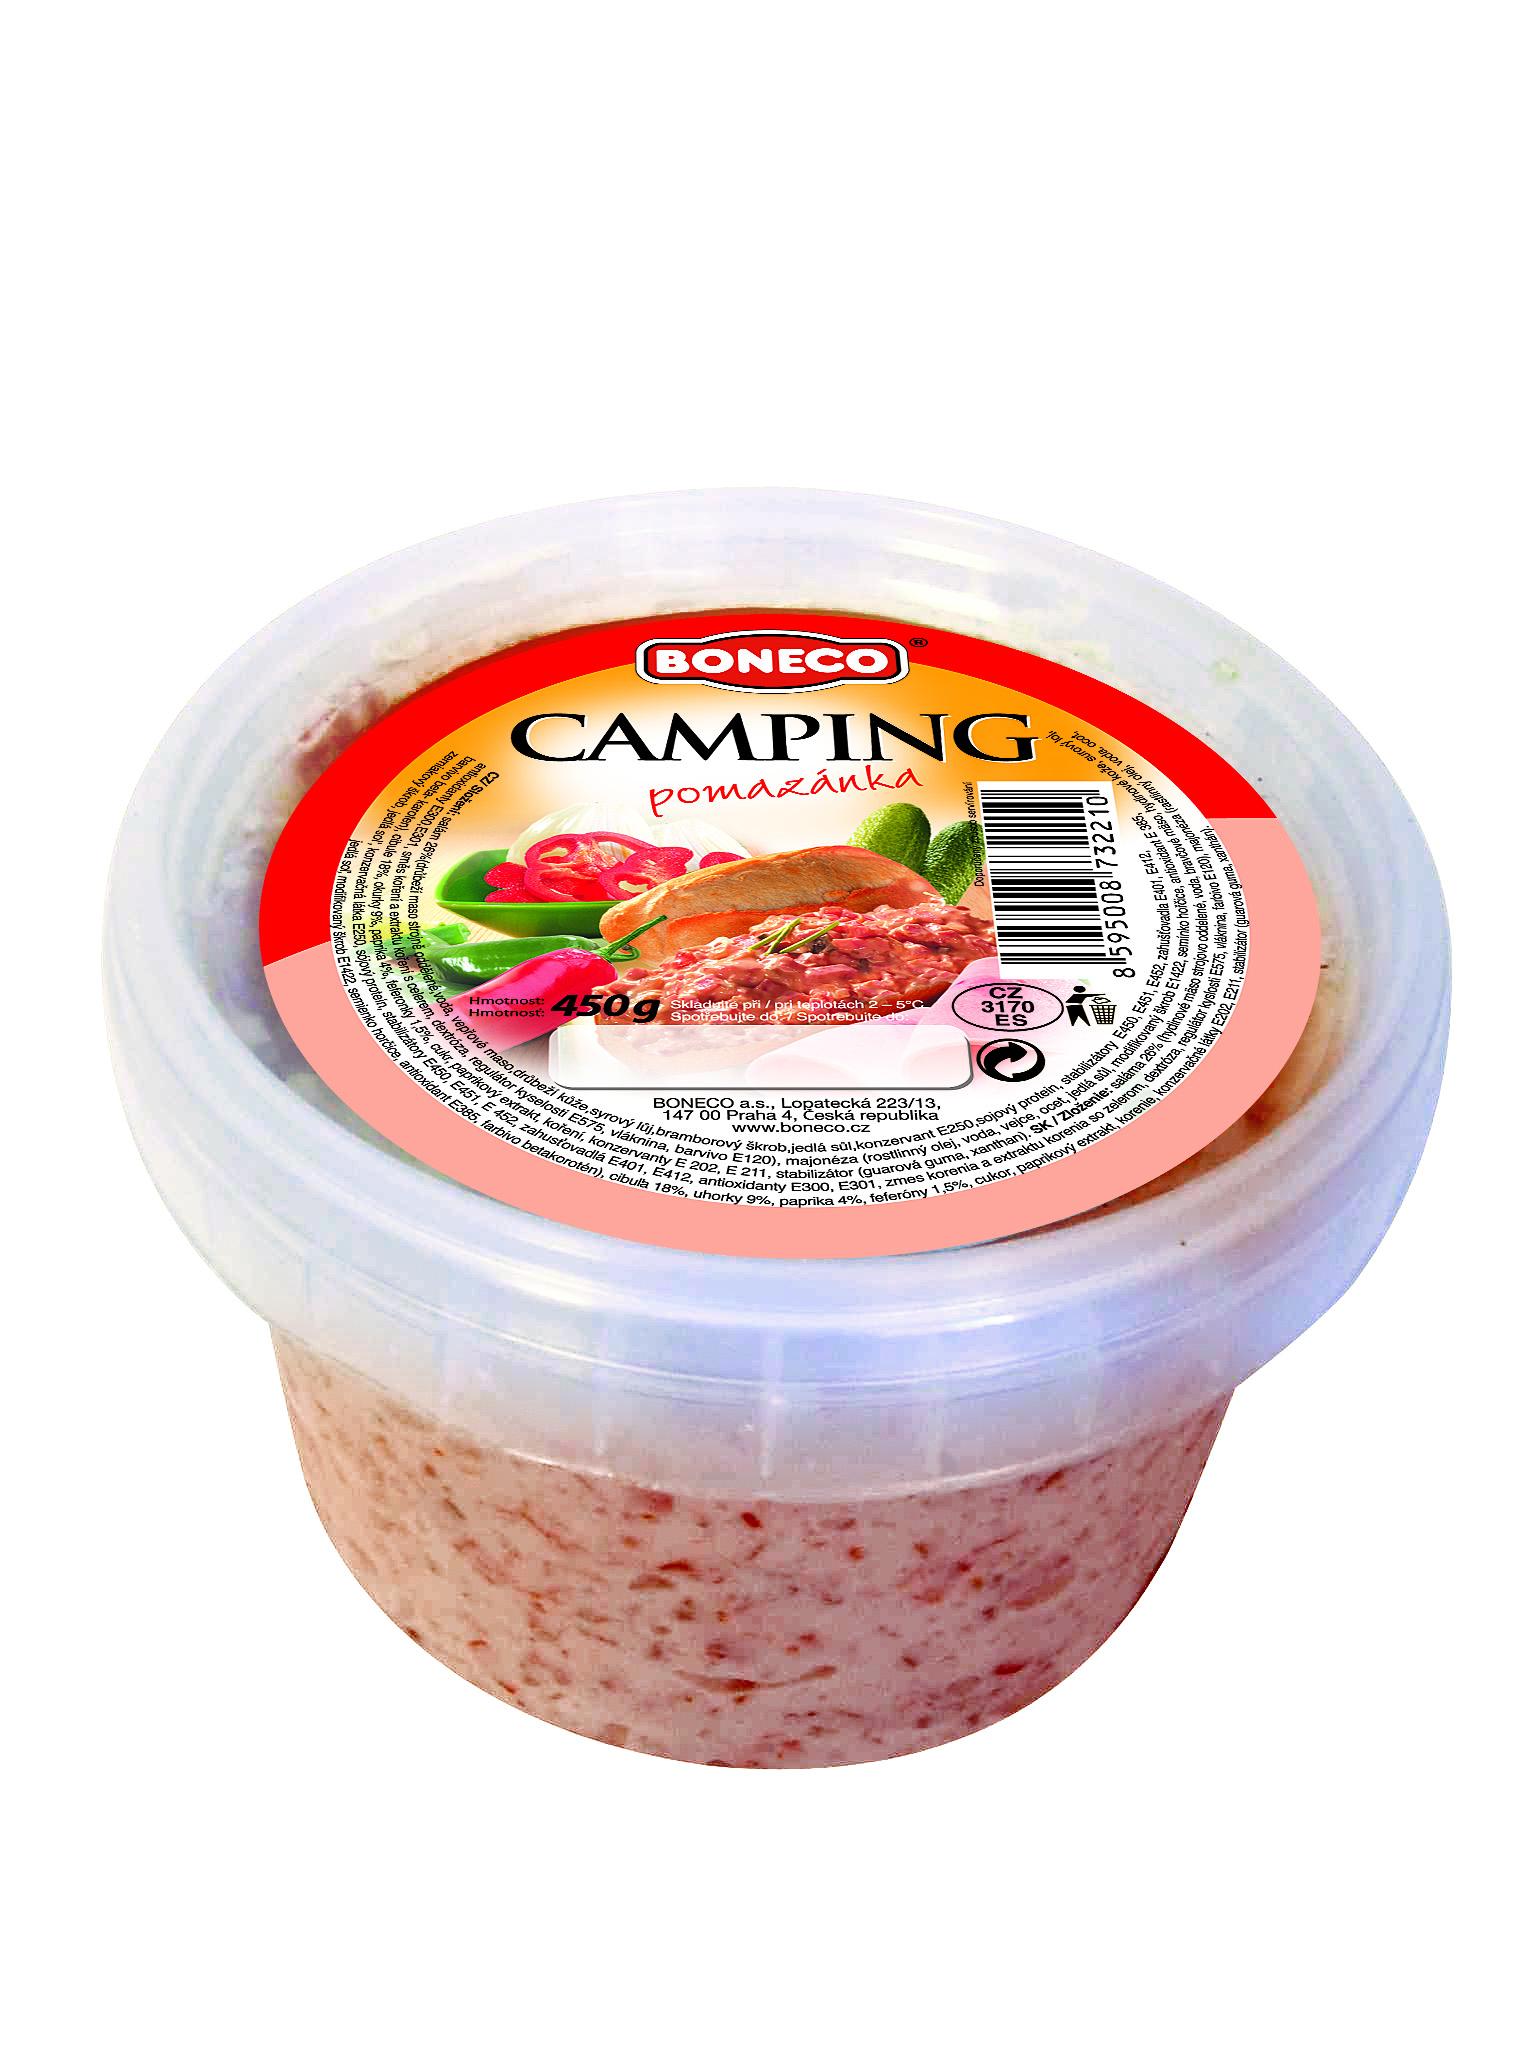 Značka Camping pomazánka